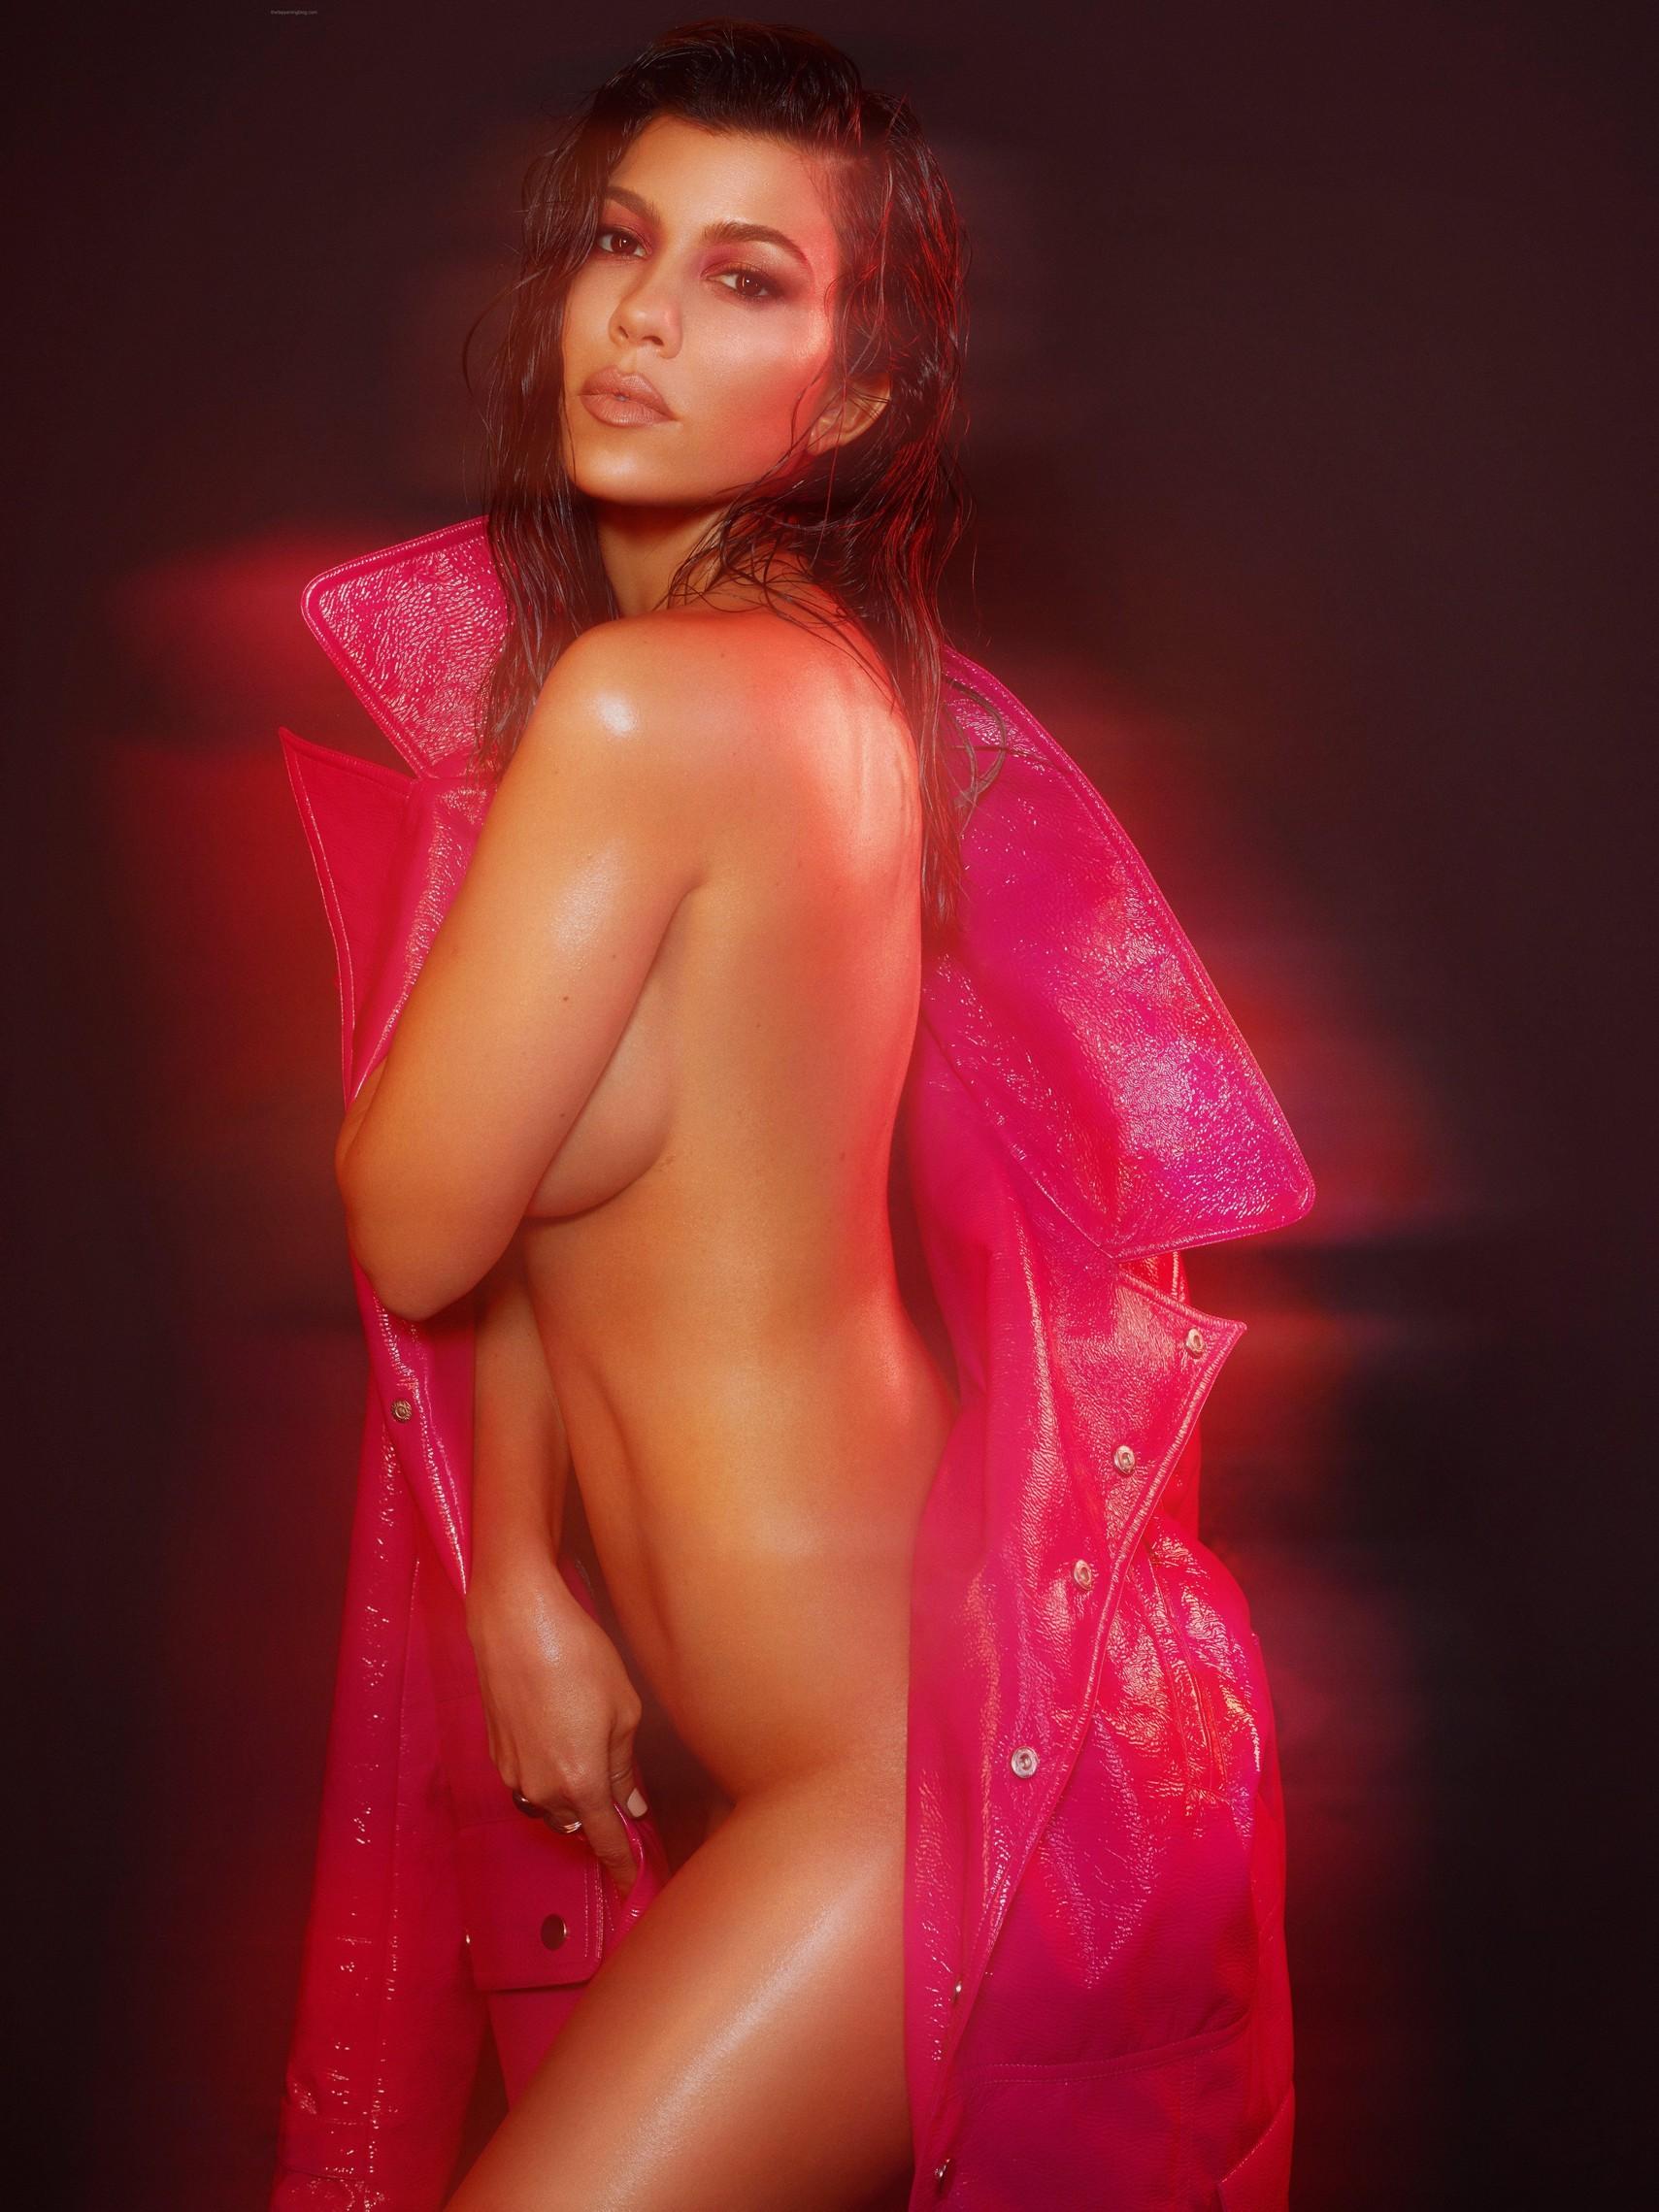 Kourtney Kardashian Leaked B&W Nudes